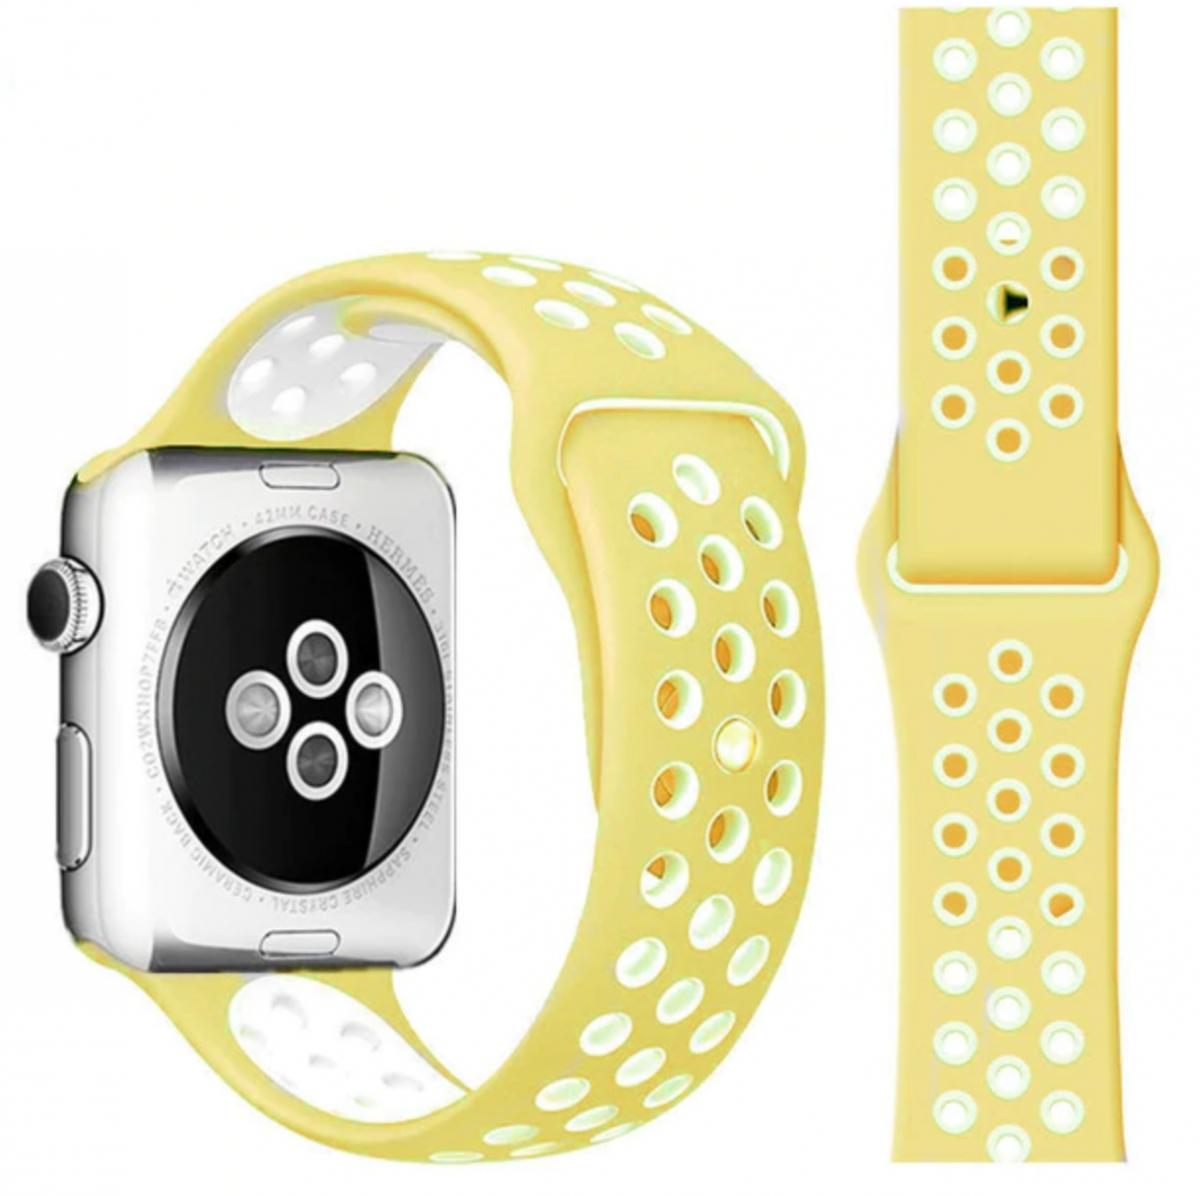 Řemínek SPORT pro Apple Watch Series 3/2/1 38mm - Jemně Žlutý/Bílý